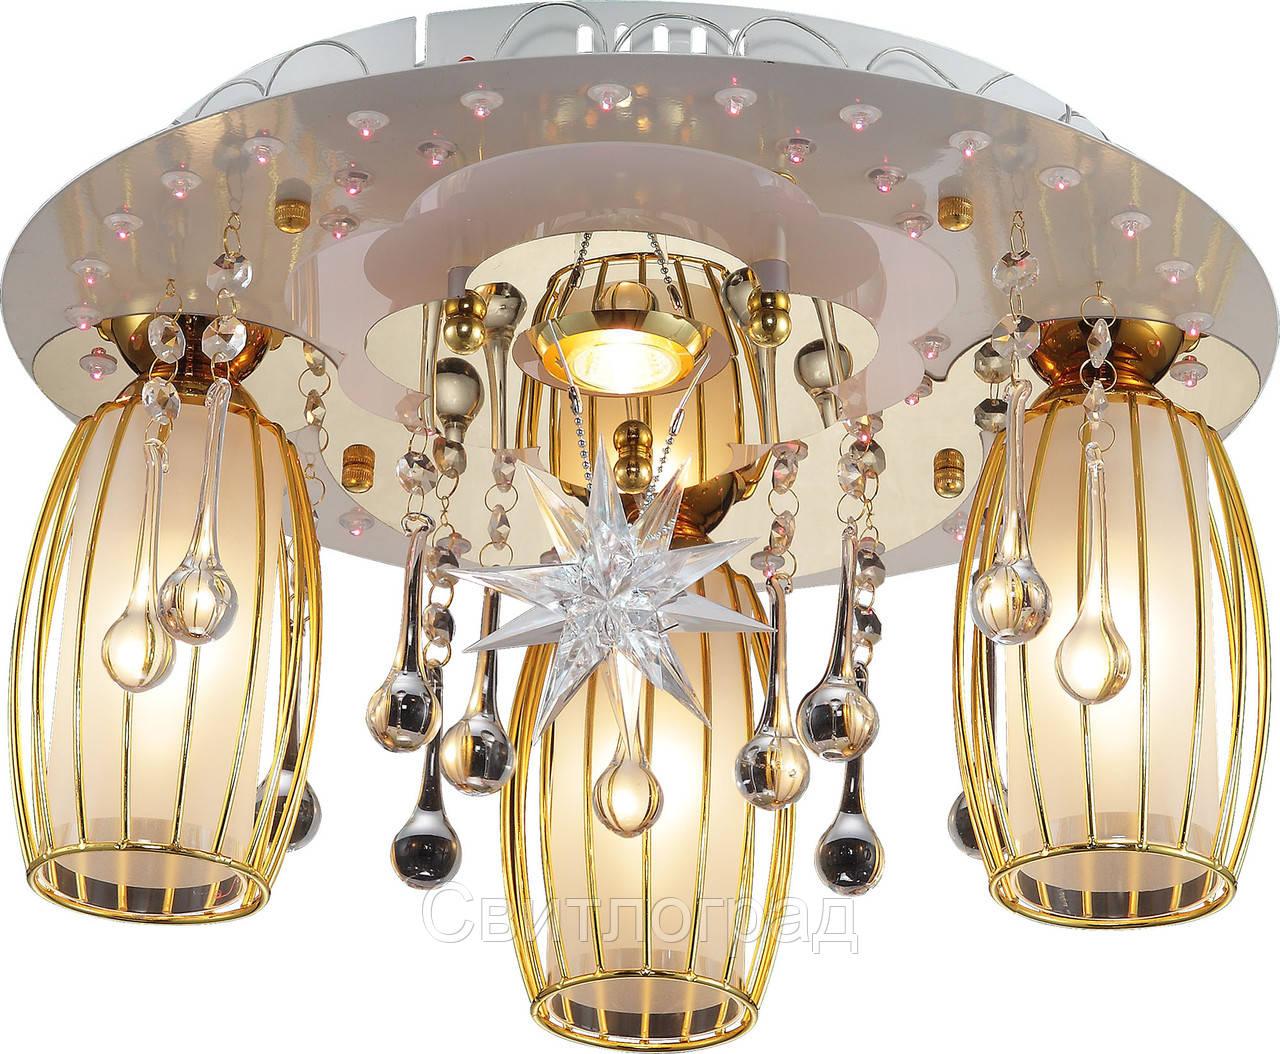 Светильник Потолочный с Led Подсветкой  с Плафонами  Altalusse LV219-04 White & Gold